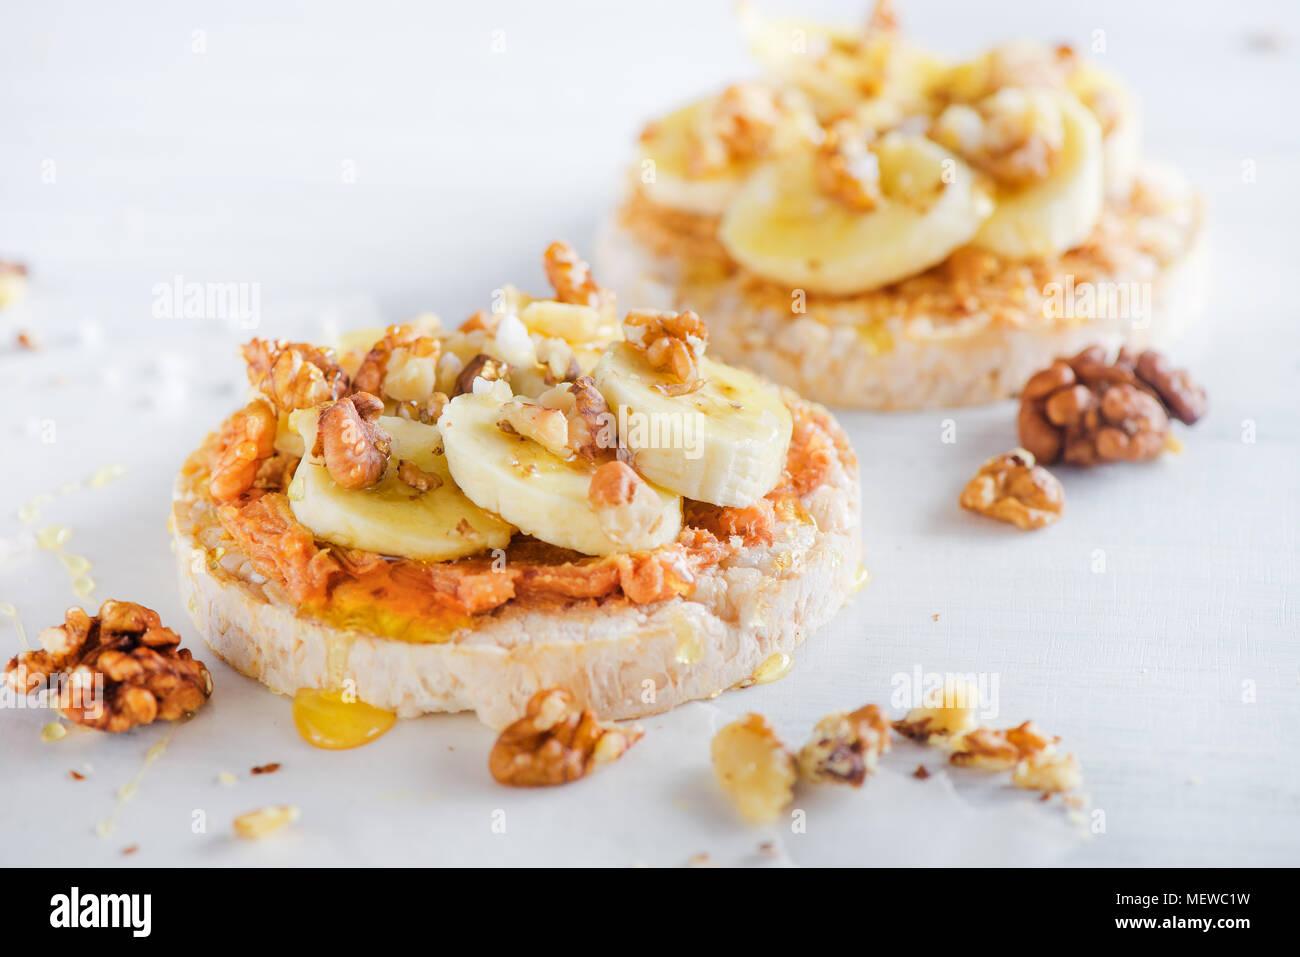 Crujiente pan de banana y mantequilla de cacahuete snack. Desayuno saludable con nueces y miel. Clave de alto concepto de dieta. Imagen De Stock